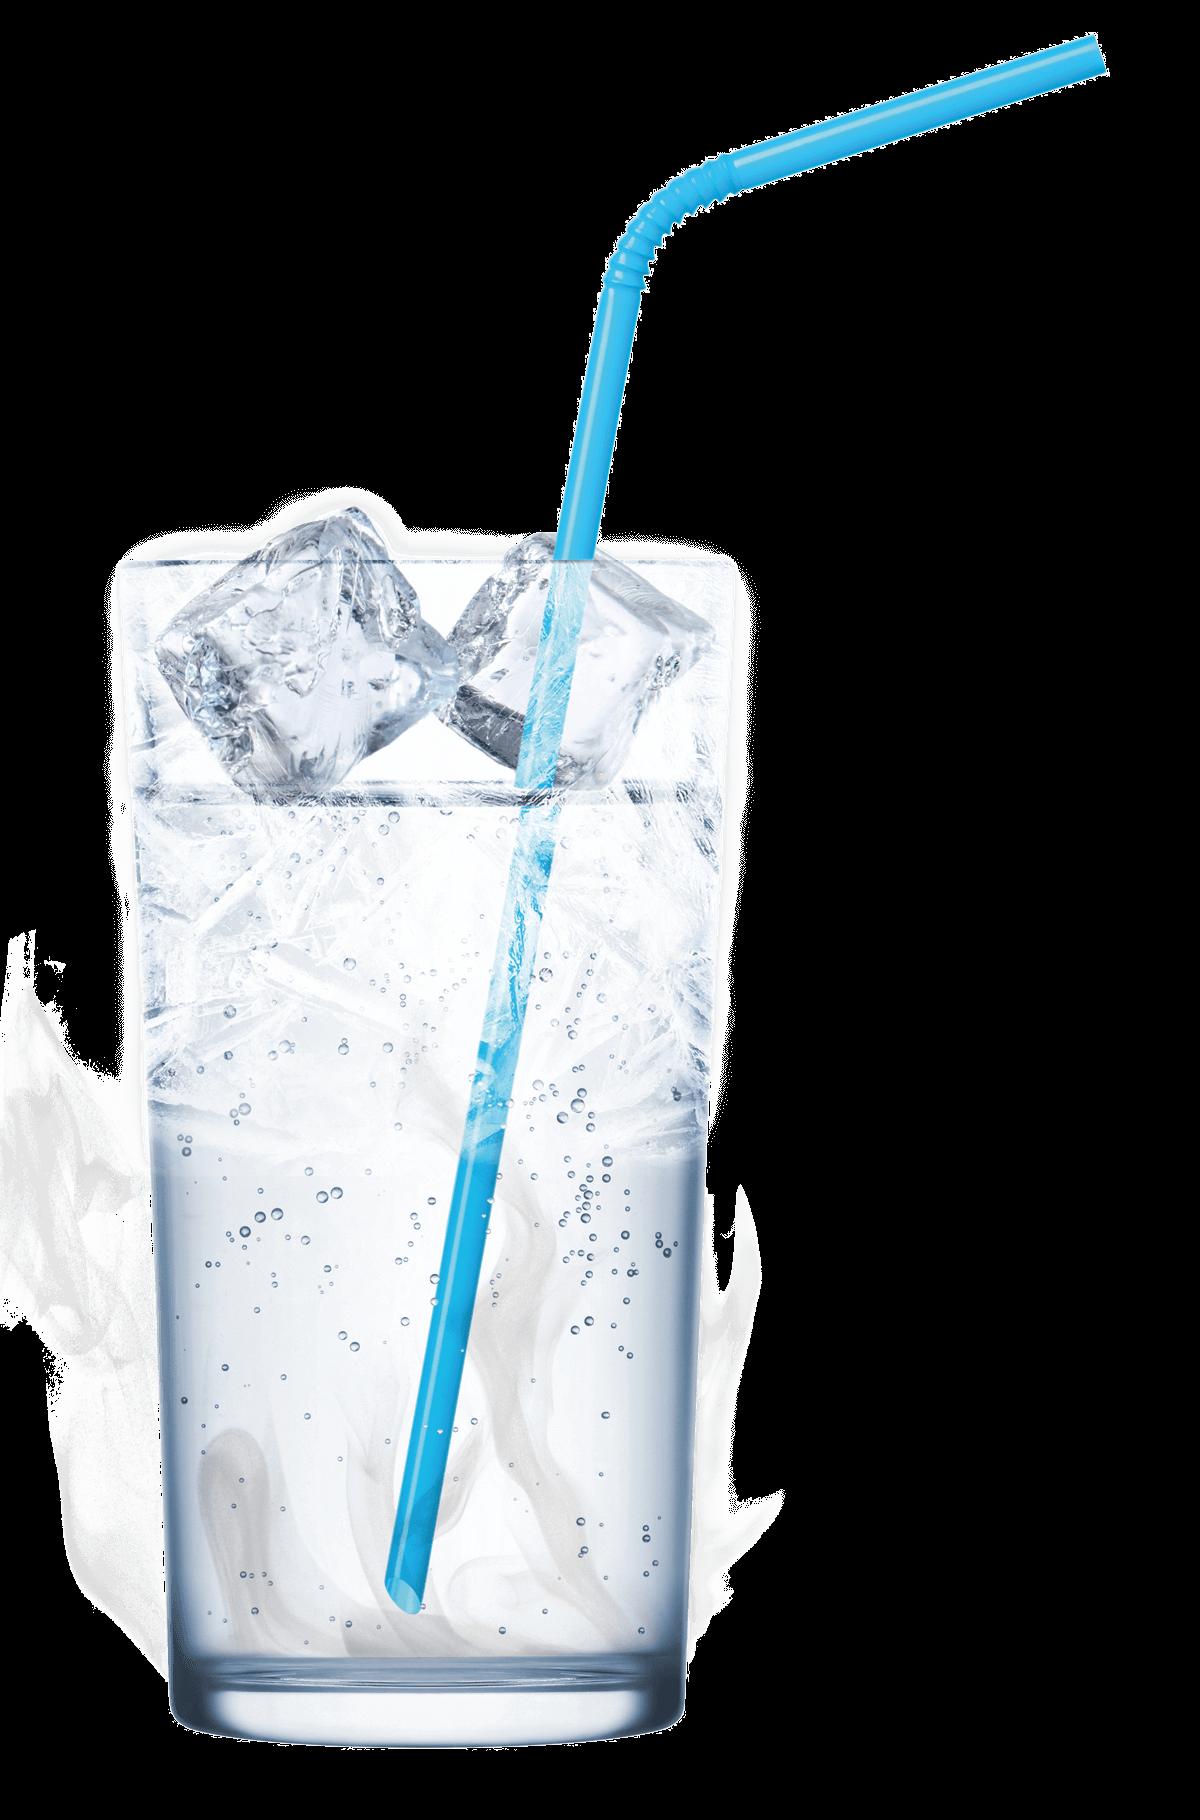 DK-Kaltwasserbereiter